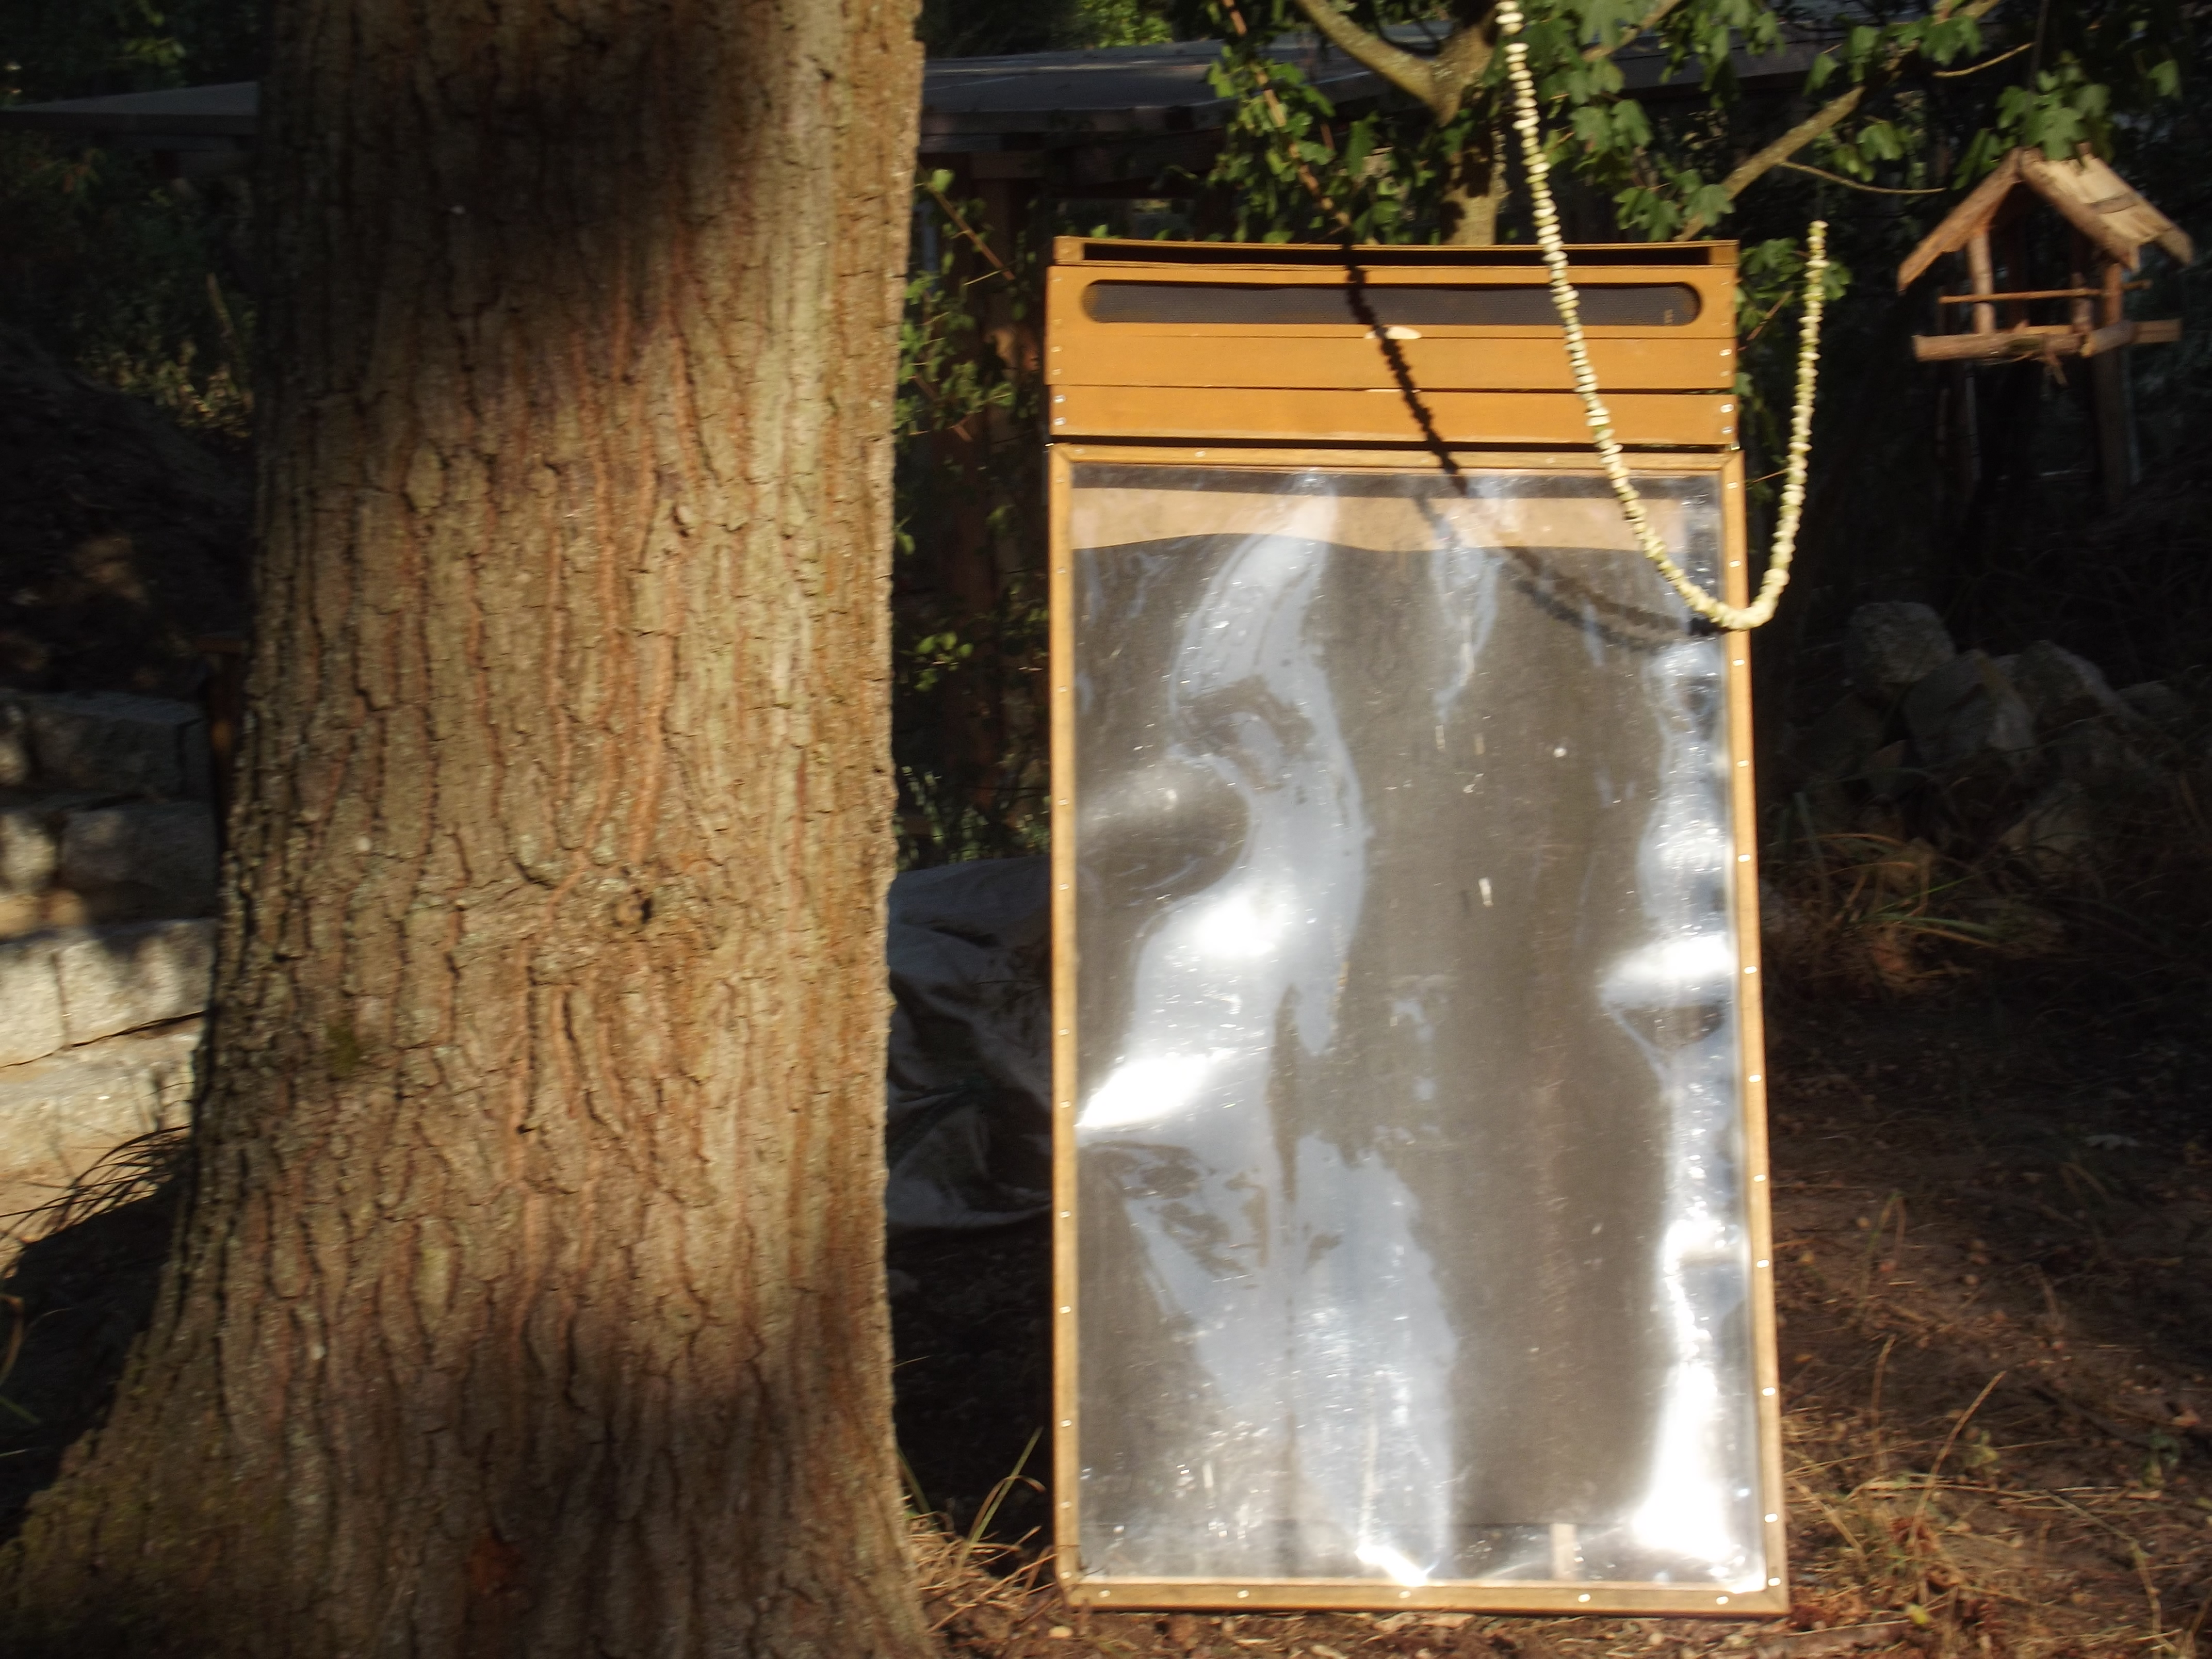 Sonnentrockner im Einsatz